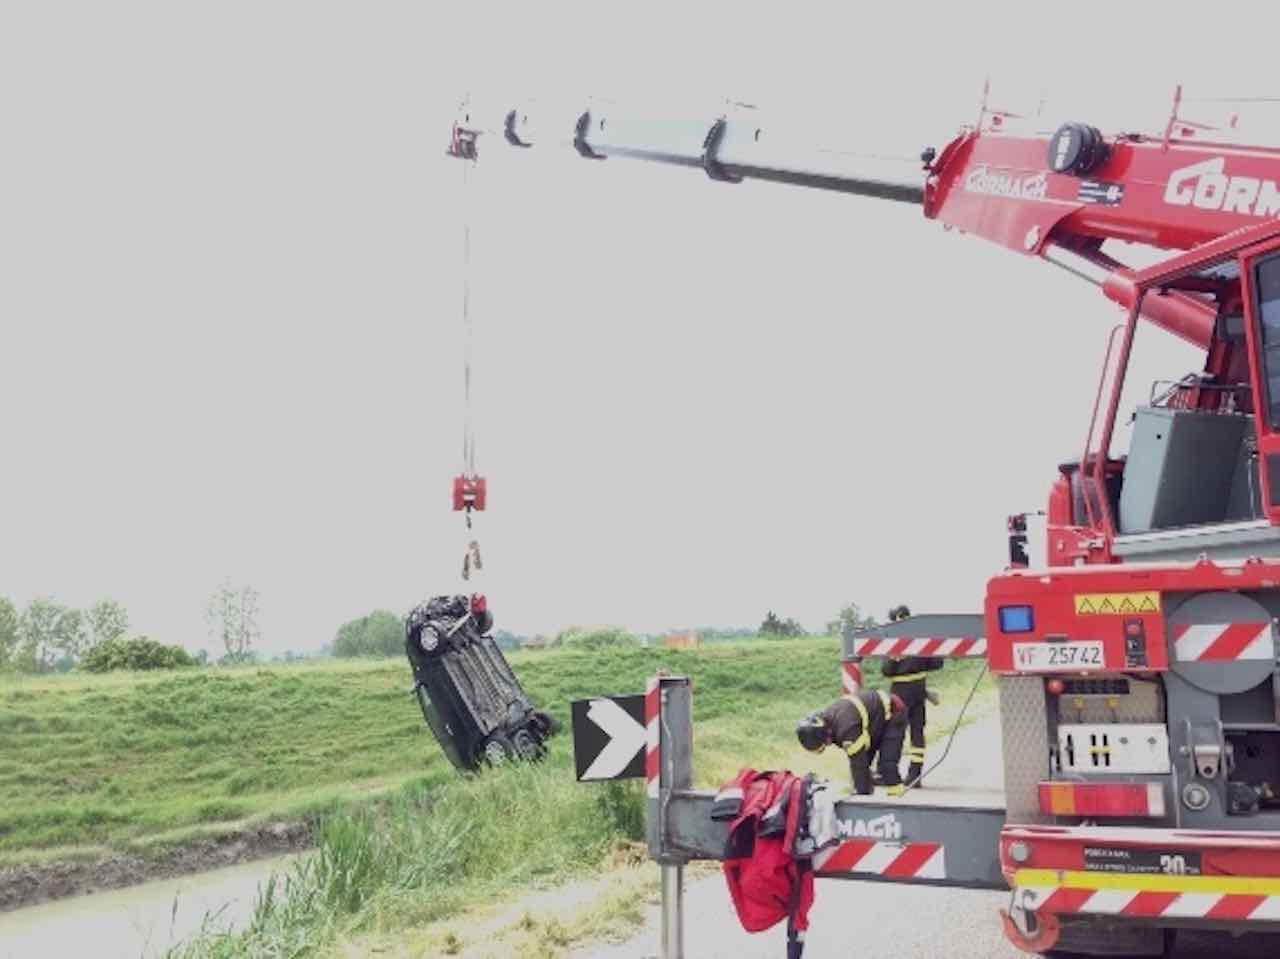 L'auto finisce nel canale, ragazza di 21 anni muore intrappolata